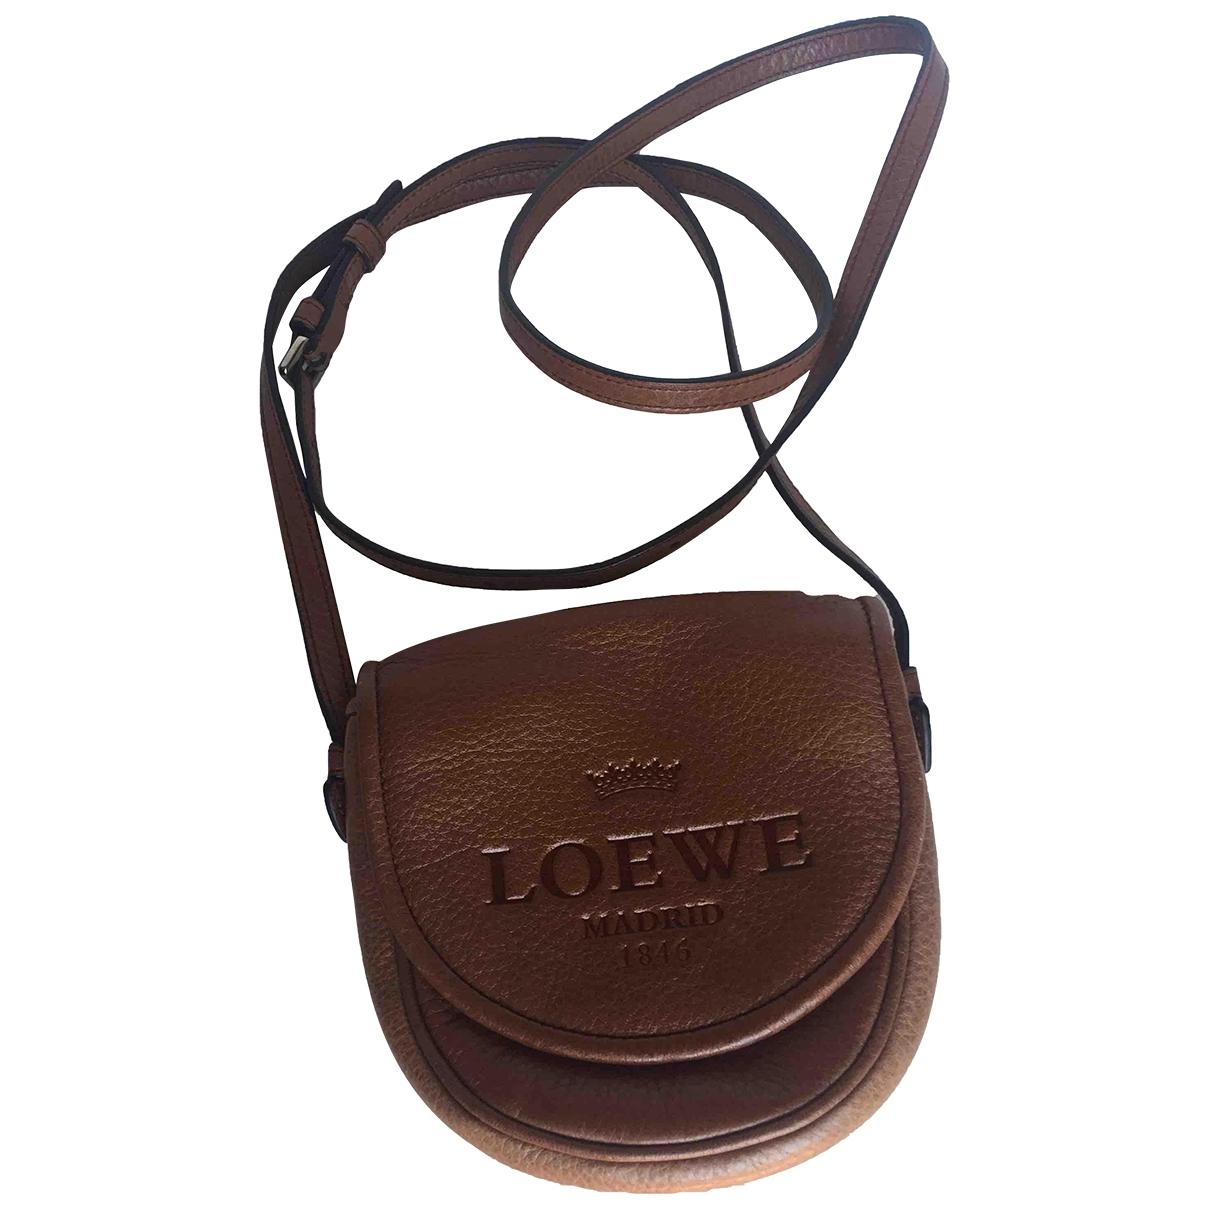 Loewe \N Camel Leather handbag for Women \N